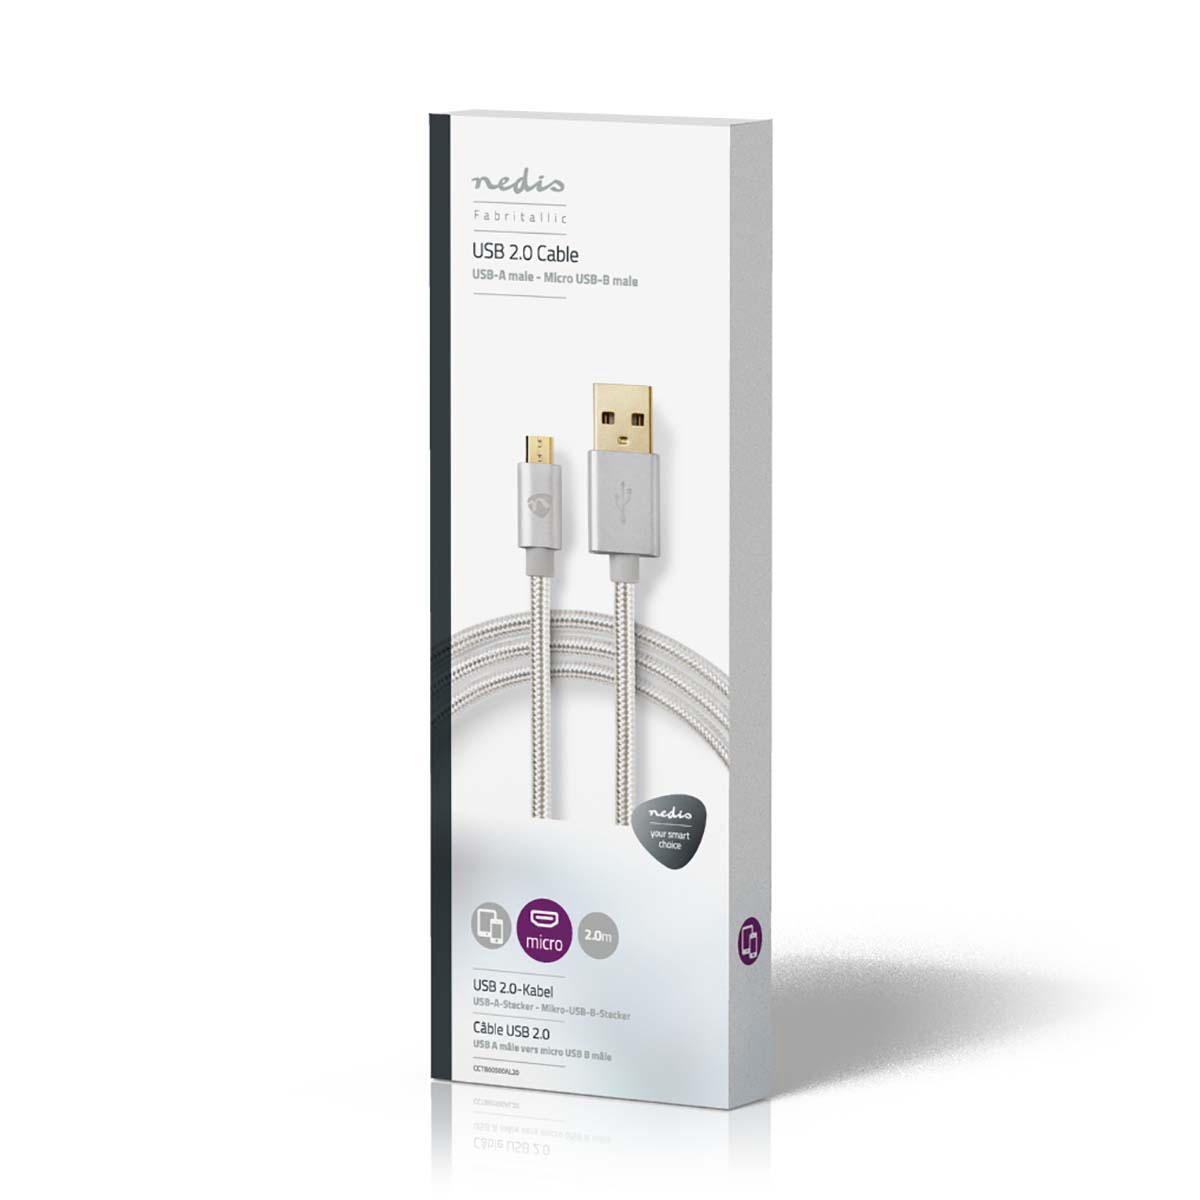 Nedis USB 2.0 Cable A Male to Micro B Male 2m Aluminium CCTB60500AL20